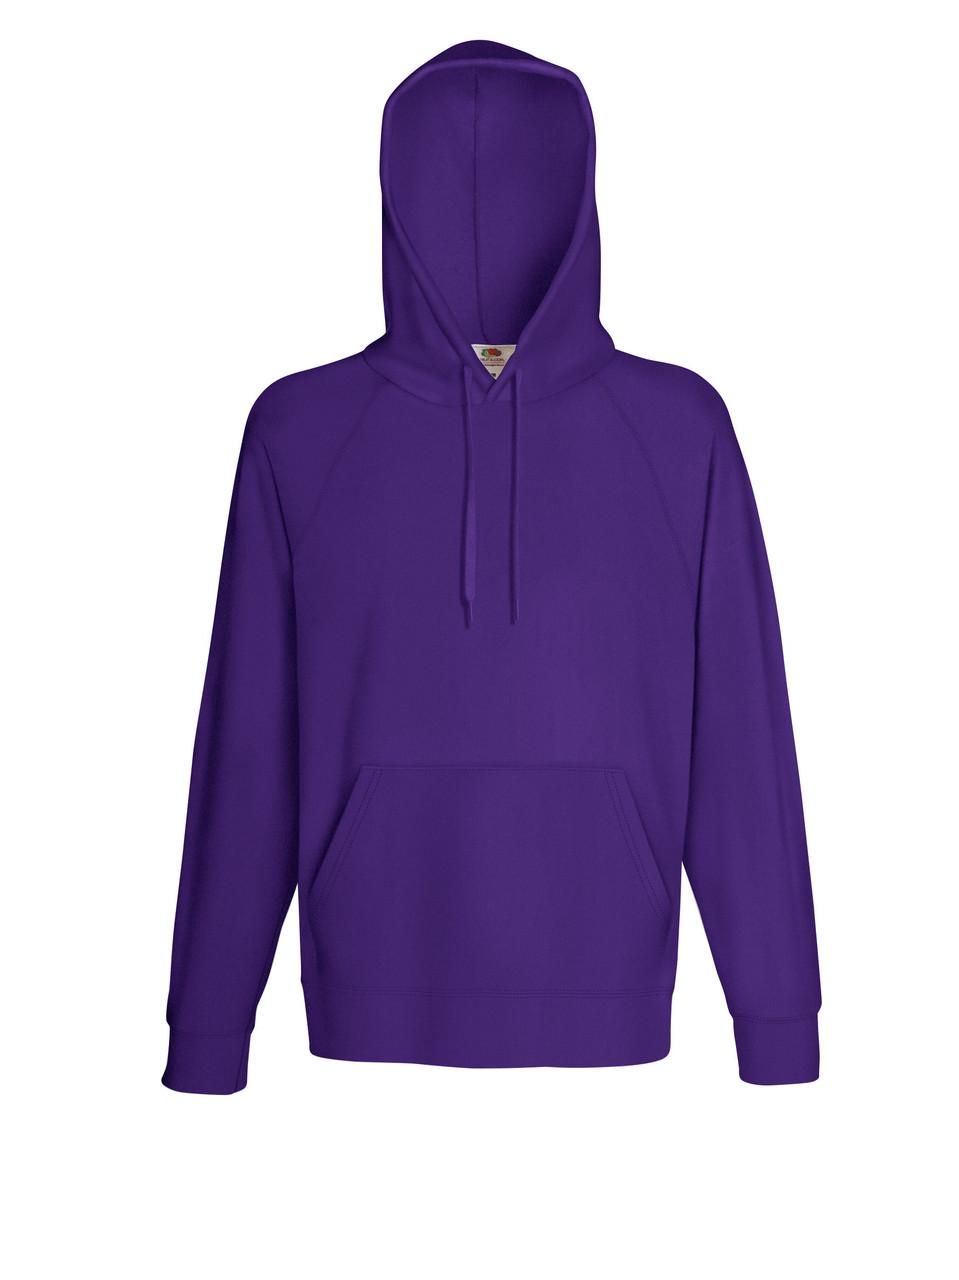 Мужская лёгкая толстовка с капюшоном Фиолетовая Fruit Of The Loom 62-140-PE XL